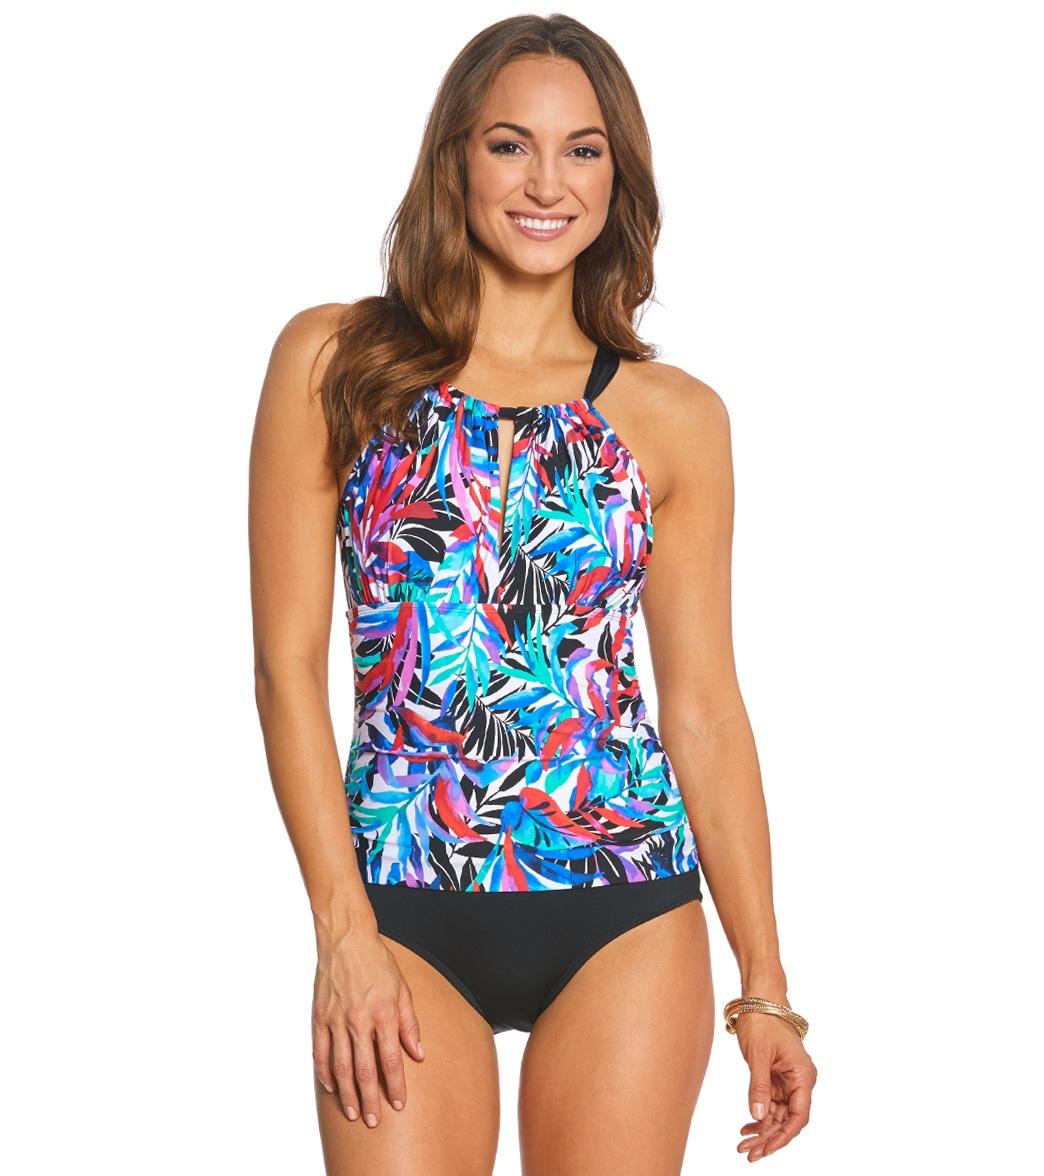 c9a2ab06f087e ... Jantzen Tropic Nights High Neck One Piece Swimsuit. MODEL MEASUREMENTS